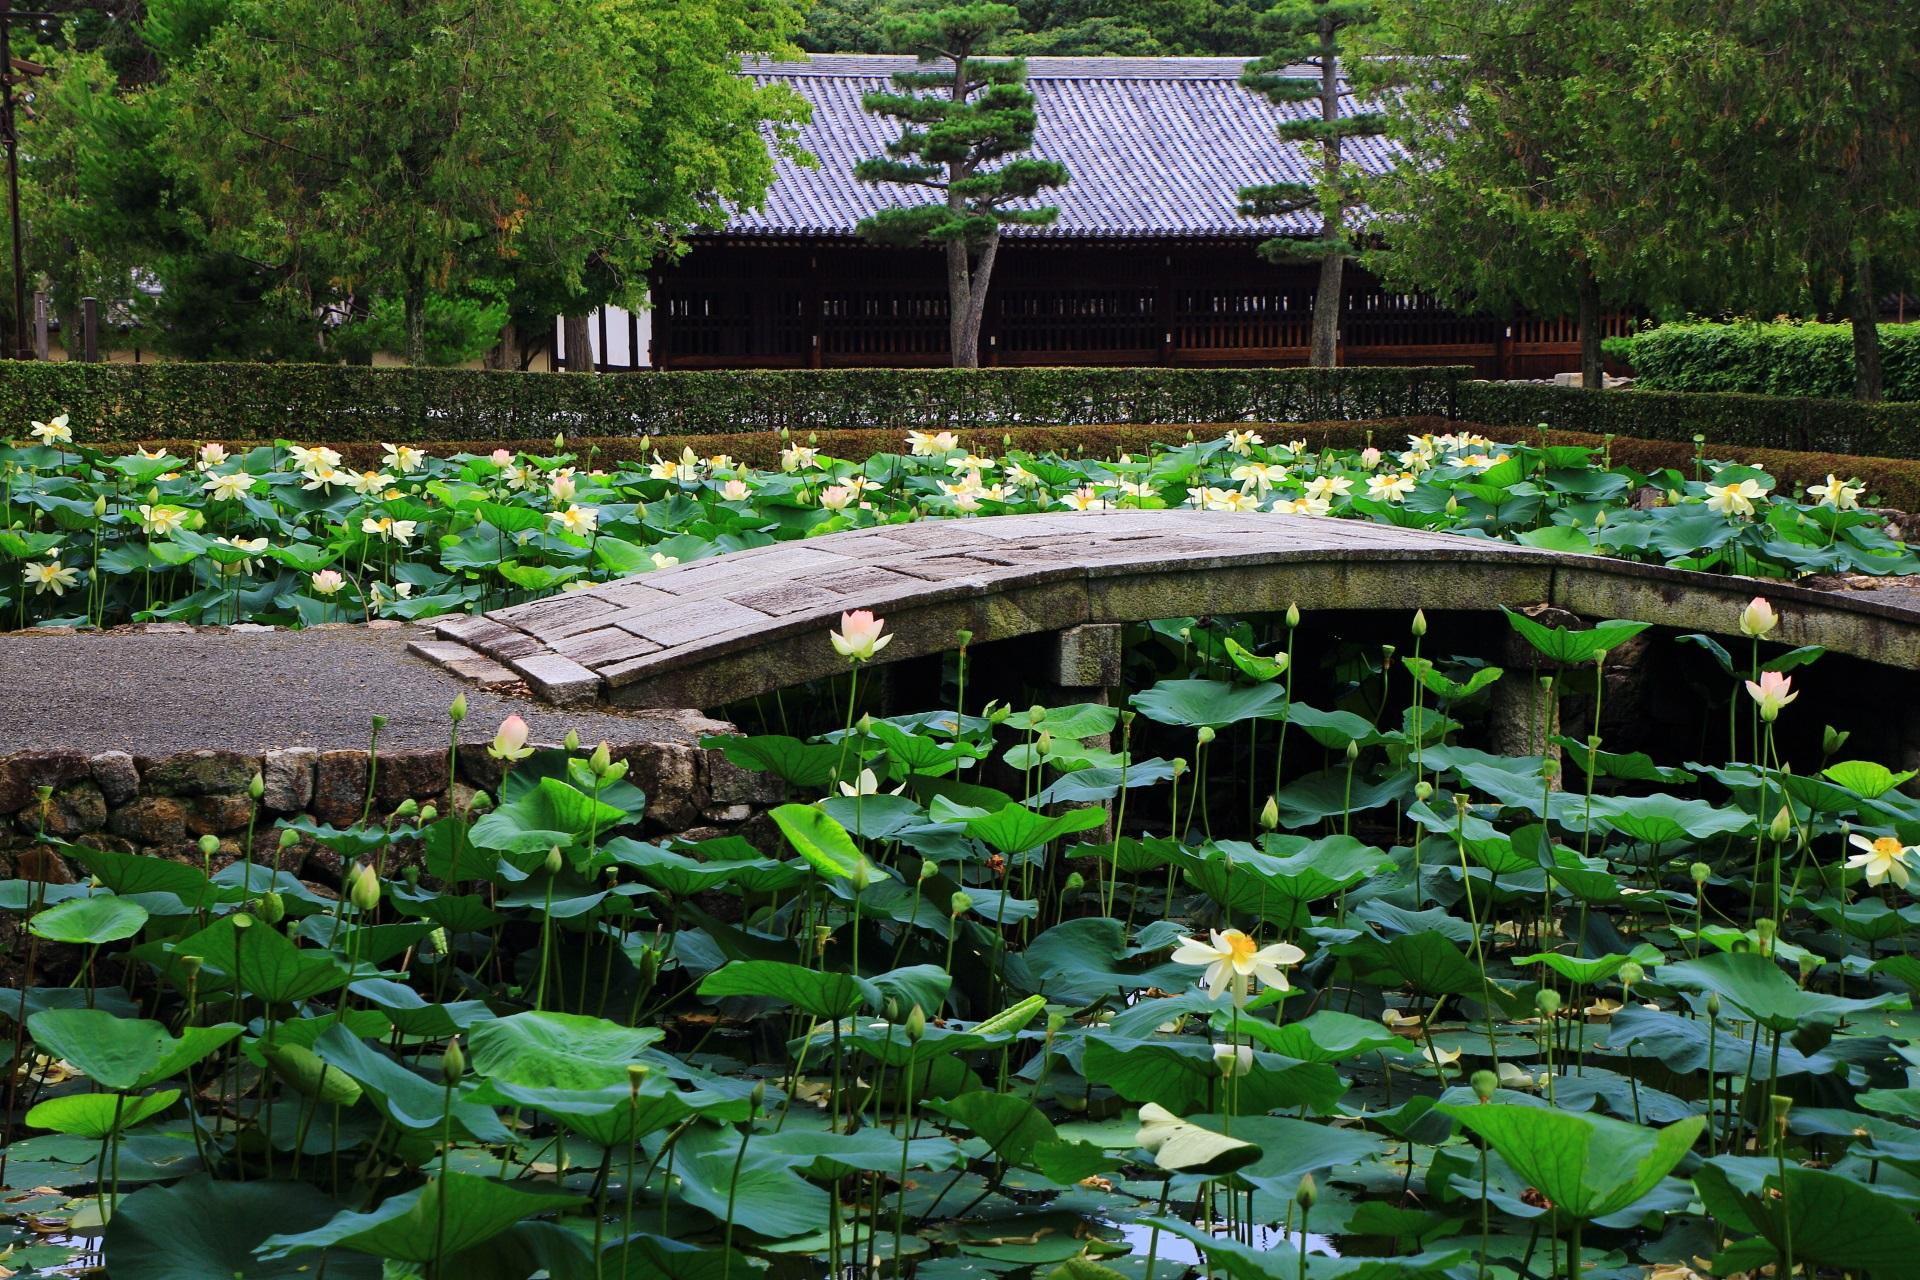 東福寺の蓮池の思遠池の良い雰囲気を醸しだす中央の石橋